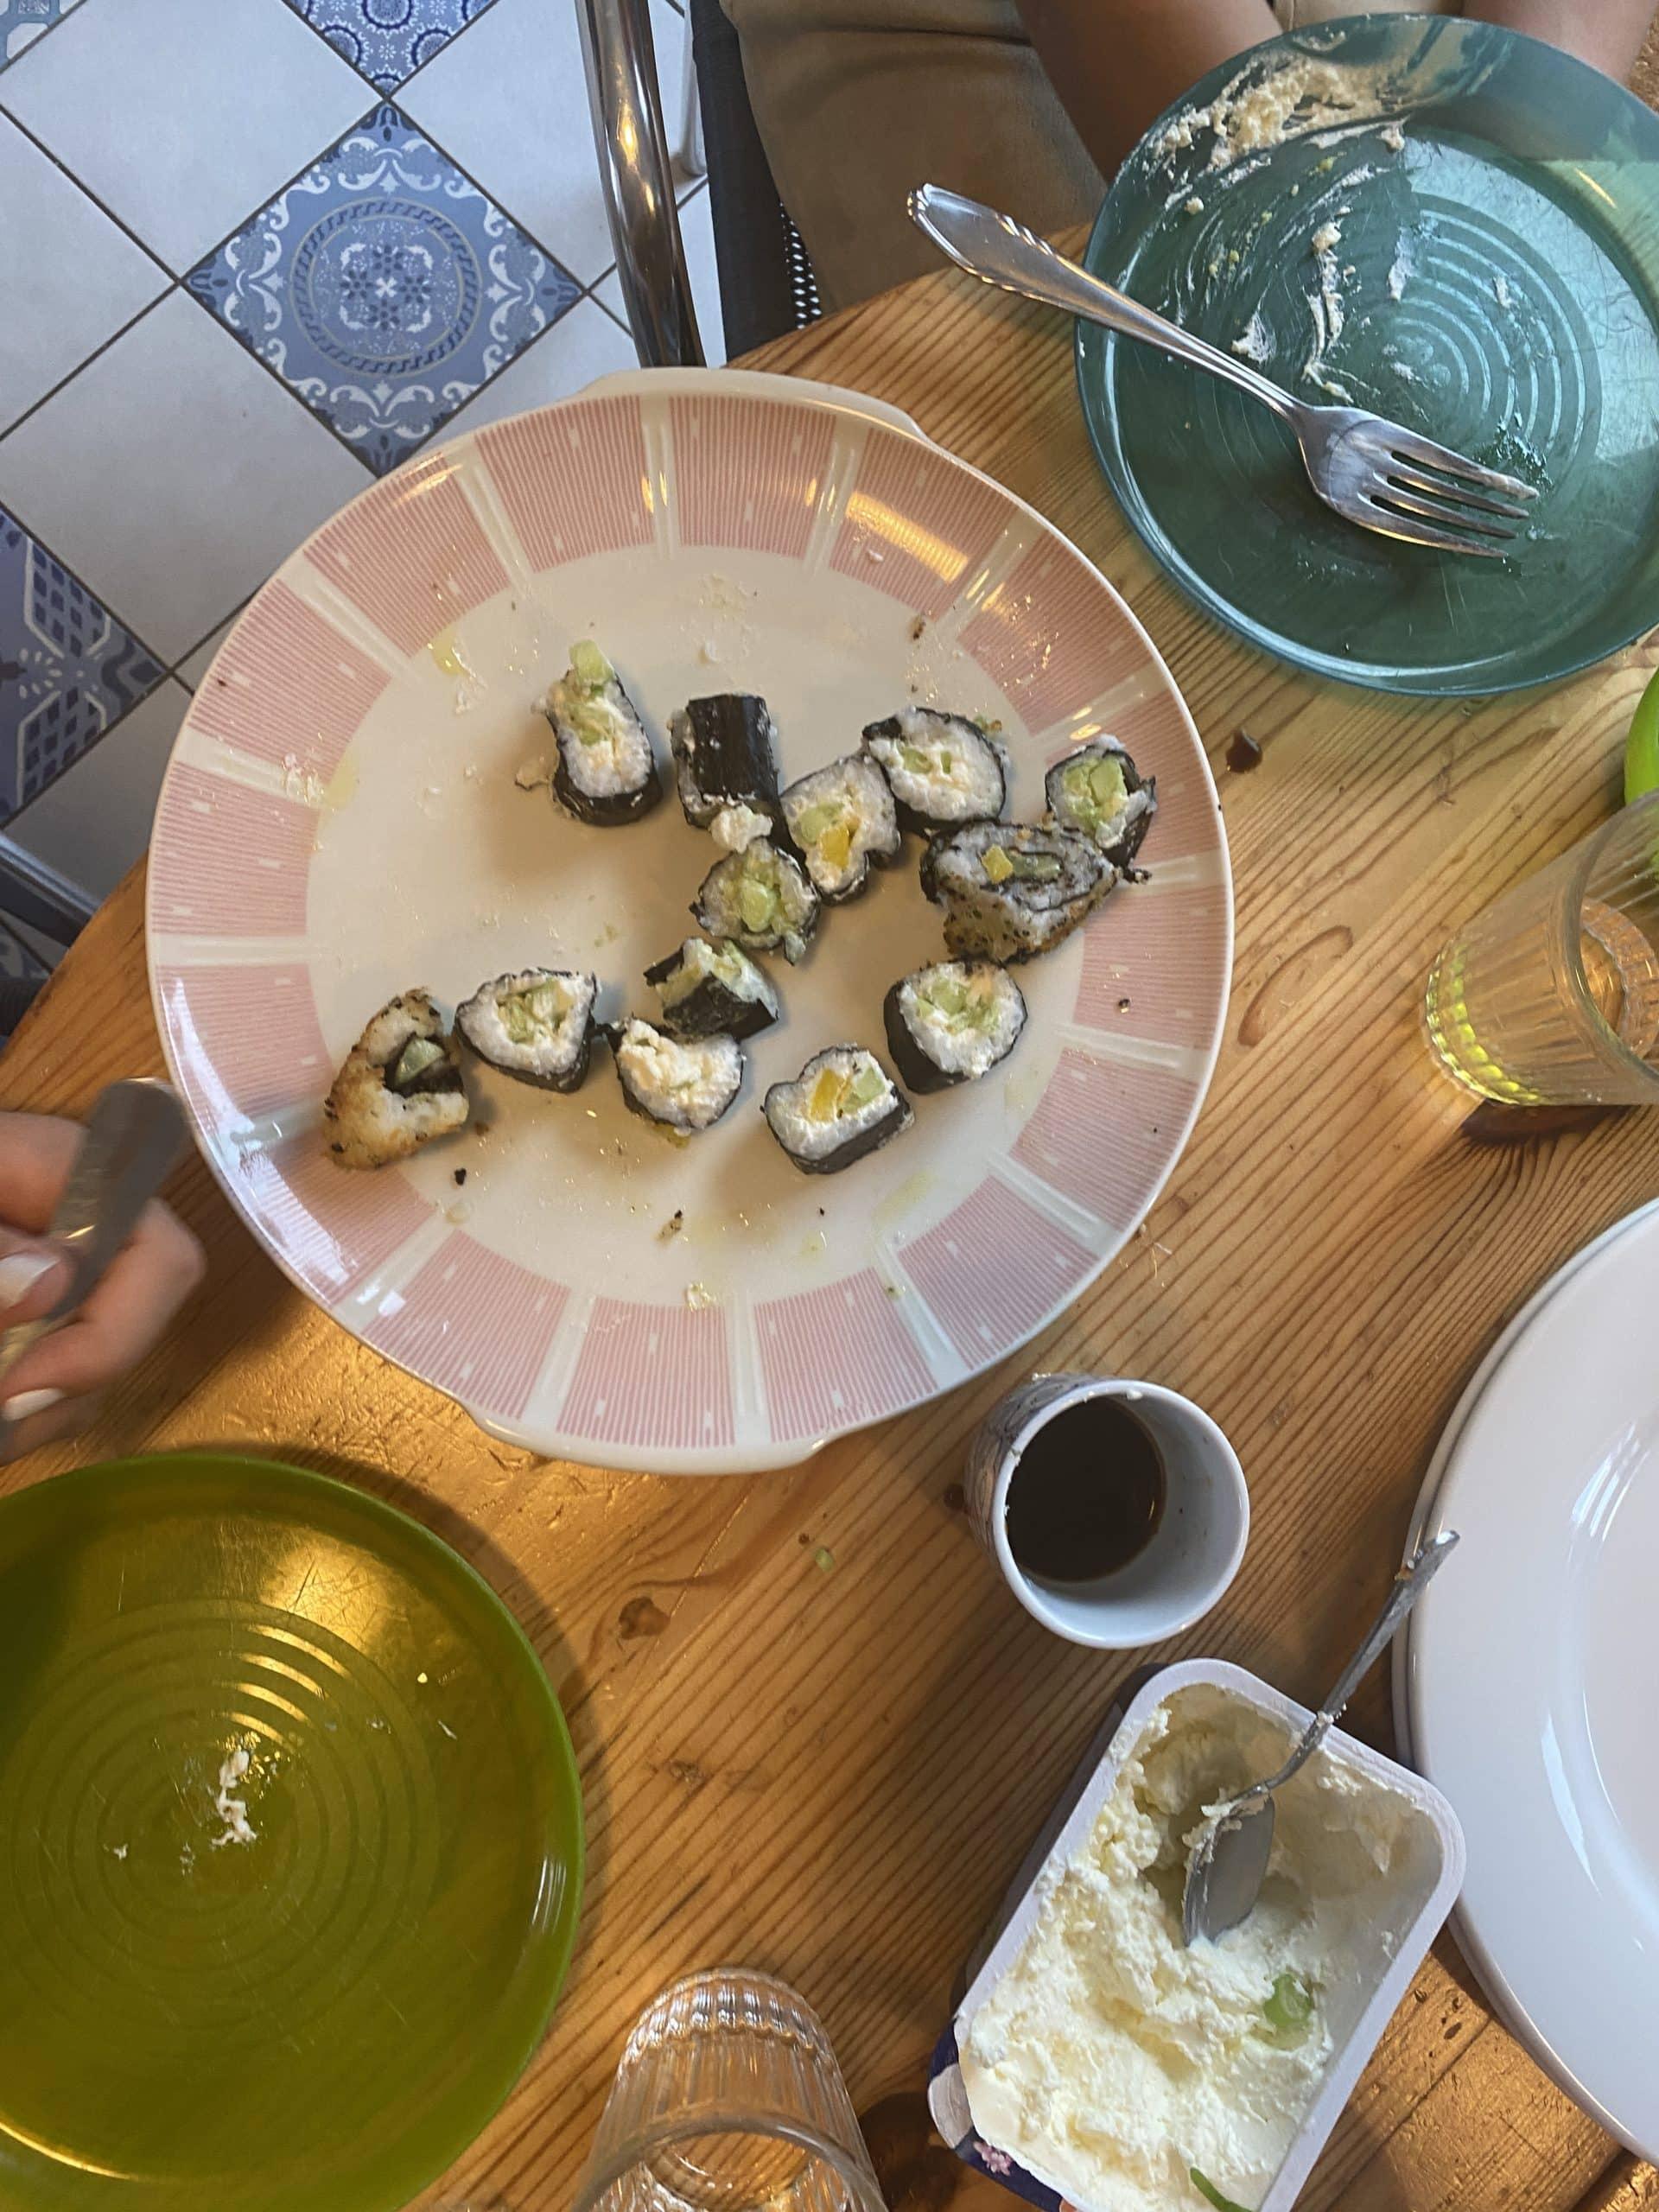 #11 Denn heute machen wir mit dem Besuch selbst Sushi (und spielen ein Online Escape Room Spiel)